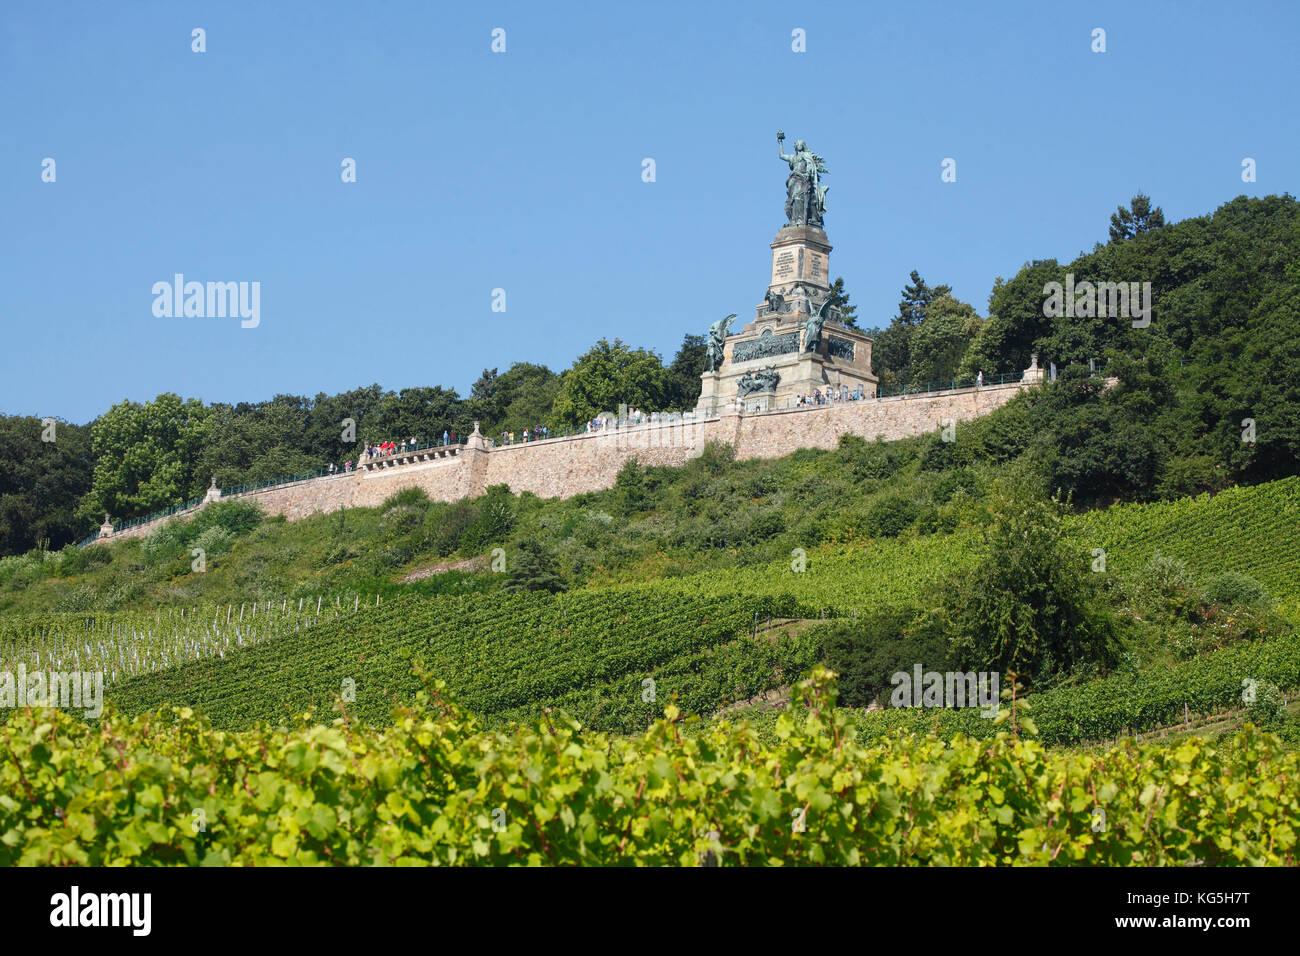 Rüdesheim am Rhein, the Niederwalddenkmal (monument) - Stock Image